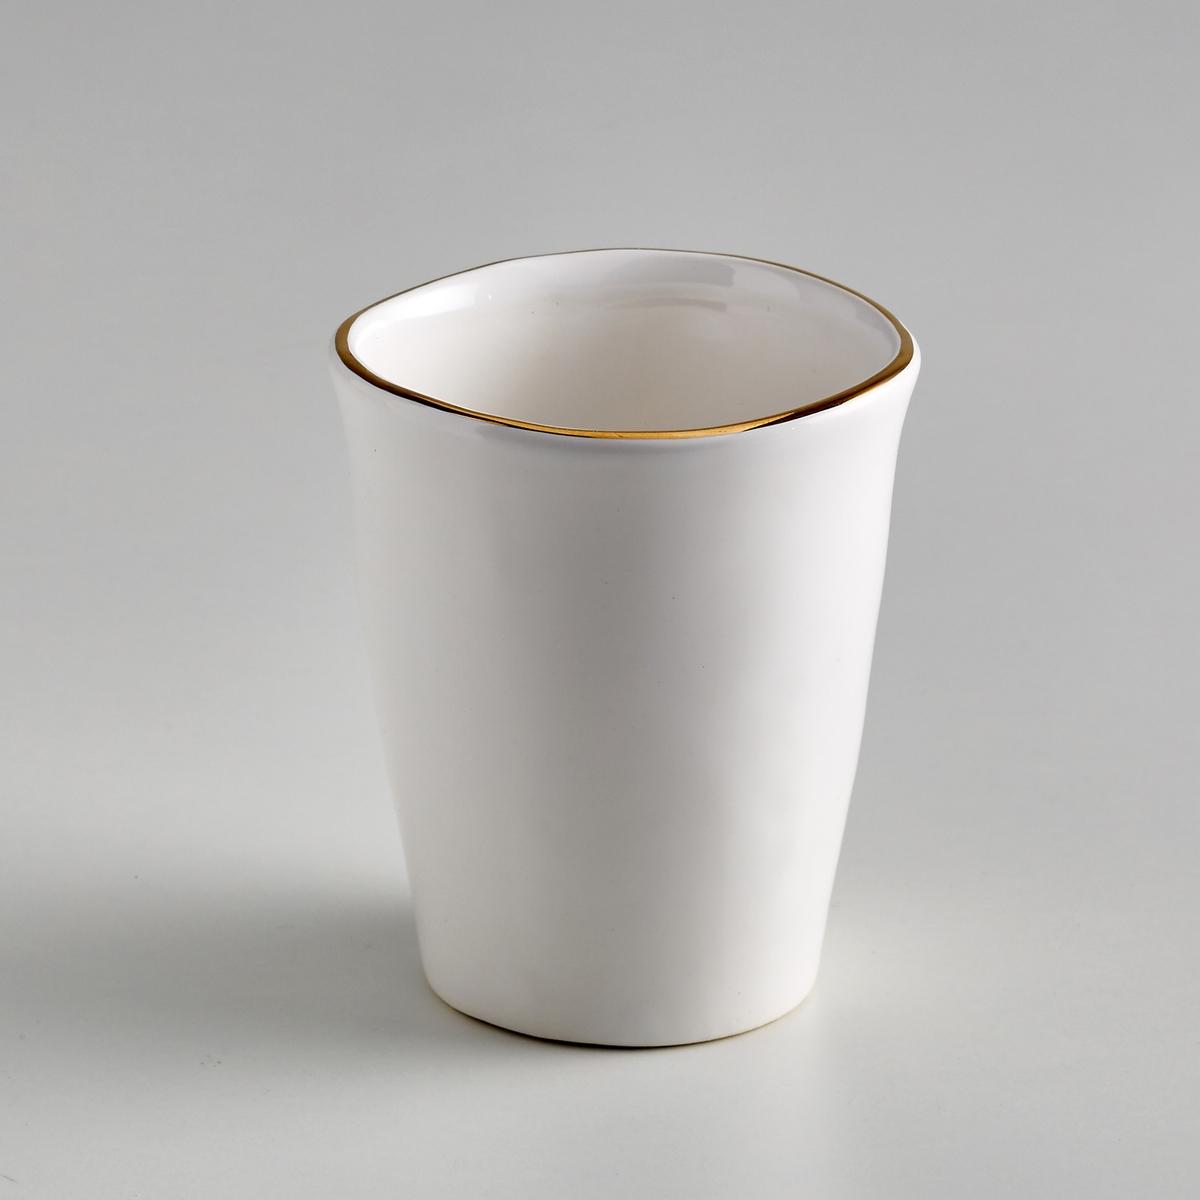 Комплект из 4 чашек из фаянса, Catalpa4 чашки Catalpa. Элегантная и неподвластная времени посуда из фаянса, покрытого белой глазурью, с тонкой каймой золотистого цвета. Органическая форма и неровные края придают чашкам оригинальности. Сделано в Португалии. Разм. : диаметр 7,5 x высота 8 см. Подходят для использования в посудомоечной машине.<br><br>Цвет: белый